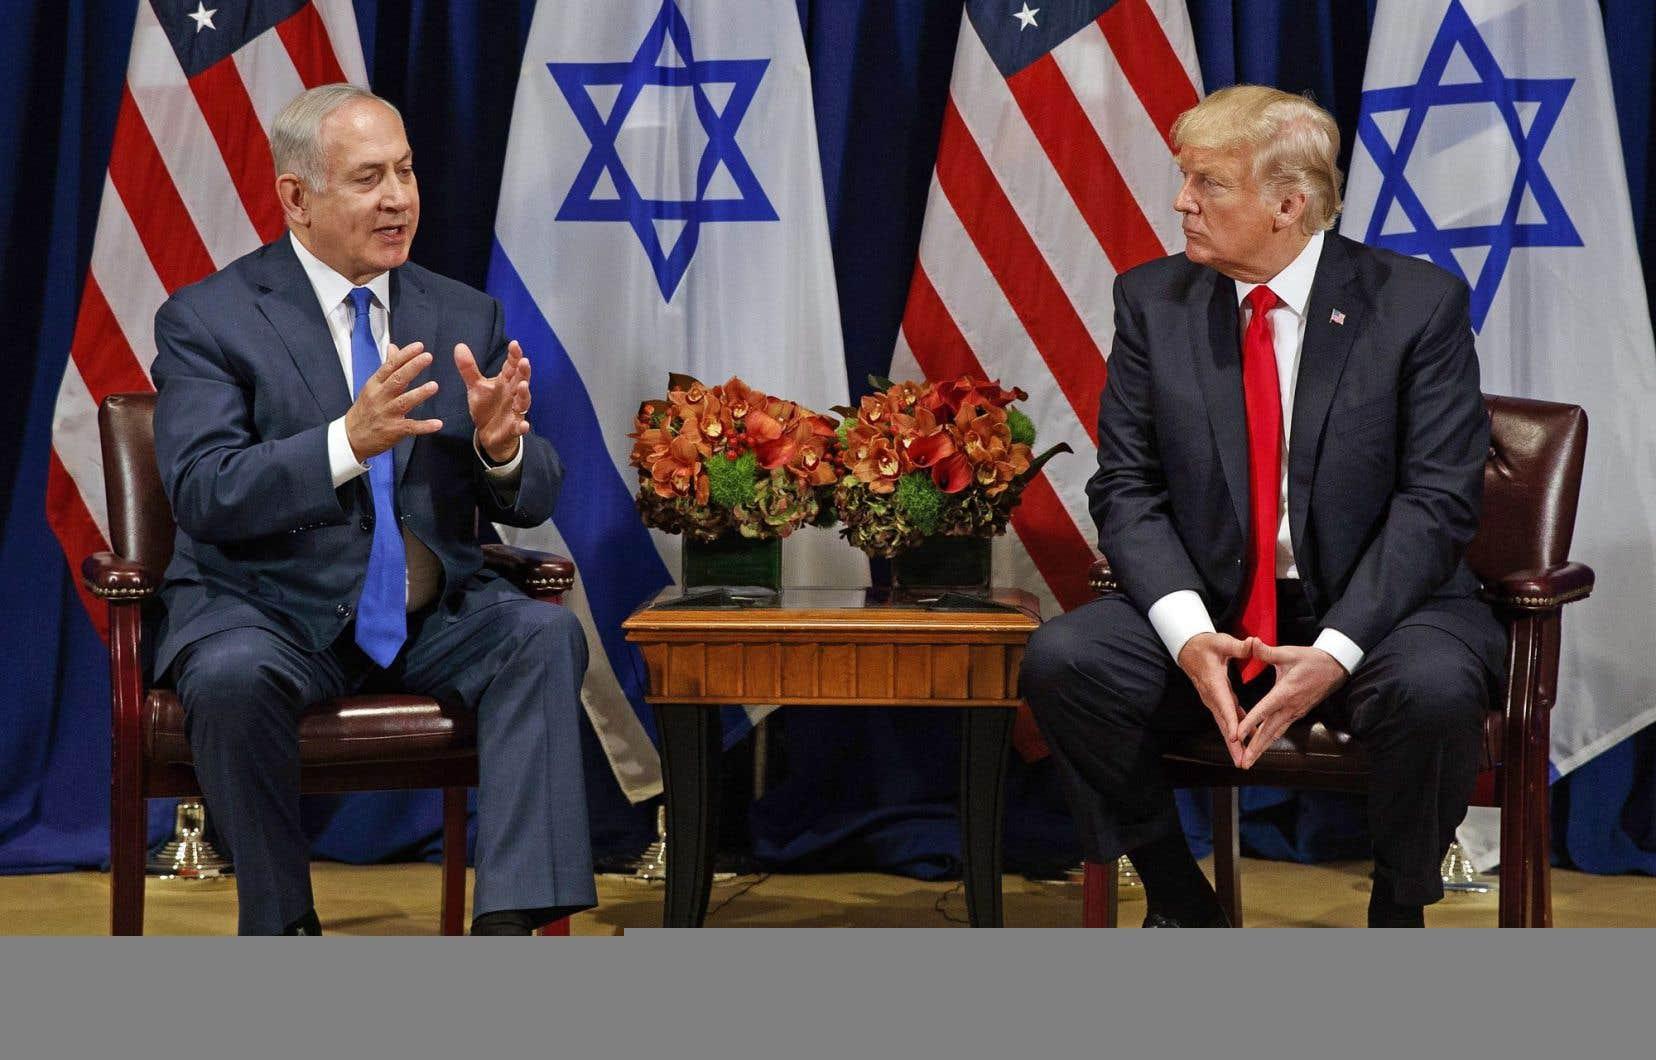 Donald Trump a rencontré lundi le premier ministre israélien, Benjamin Nétanyahou, qui a réitéré son aversion pour «l'épouvantable accord nucléaire avec l'Iran», dont il réclame l'annulation, ou au minimum la révision.